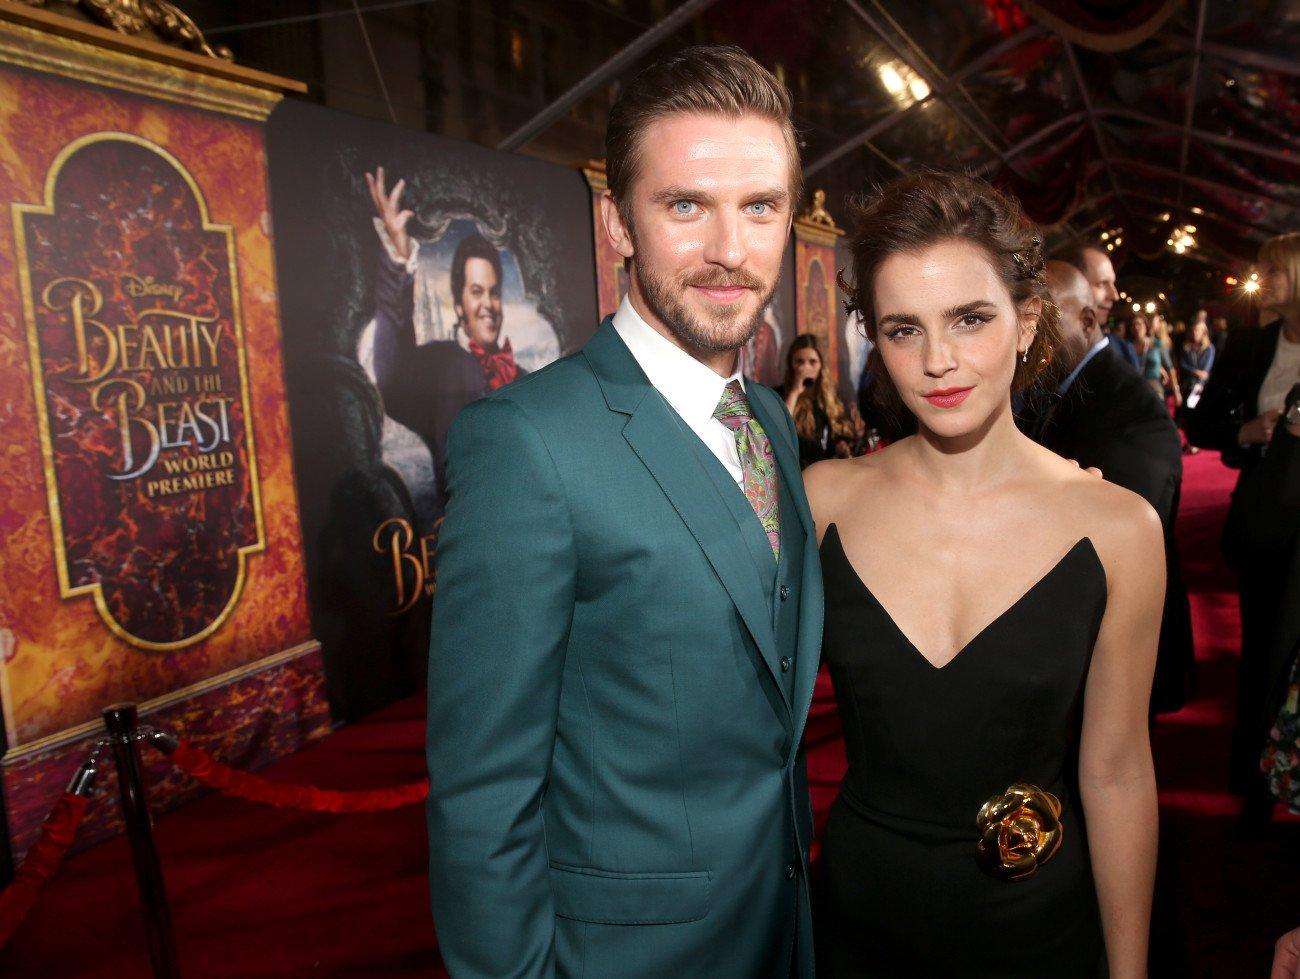 Die Schöne und das Biest 2017 Emma Watson Dan Stevens